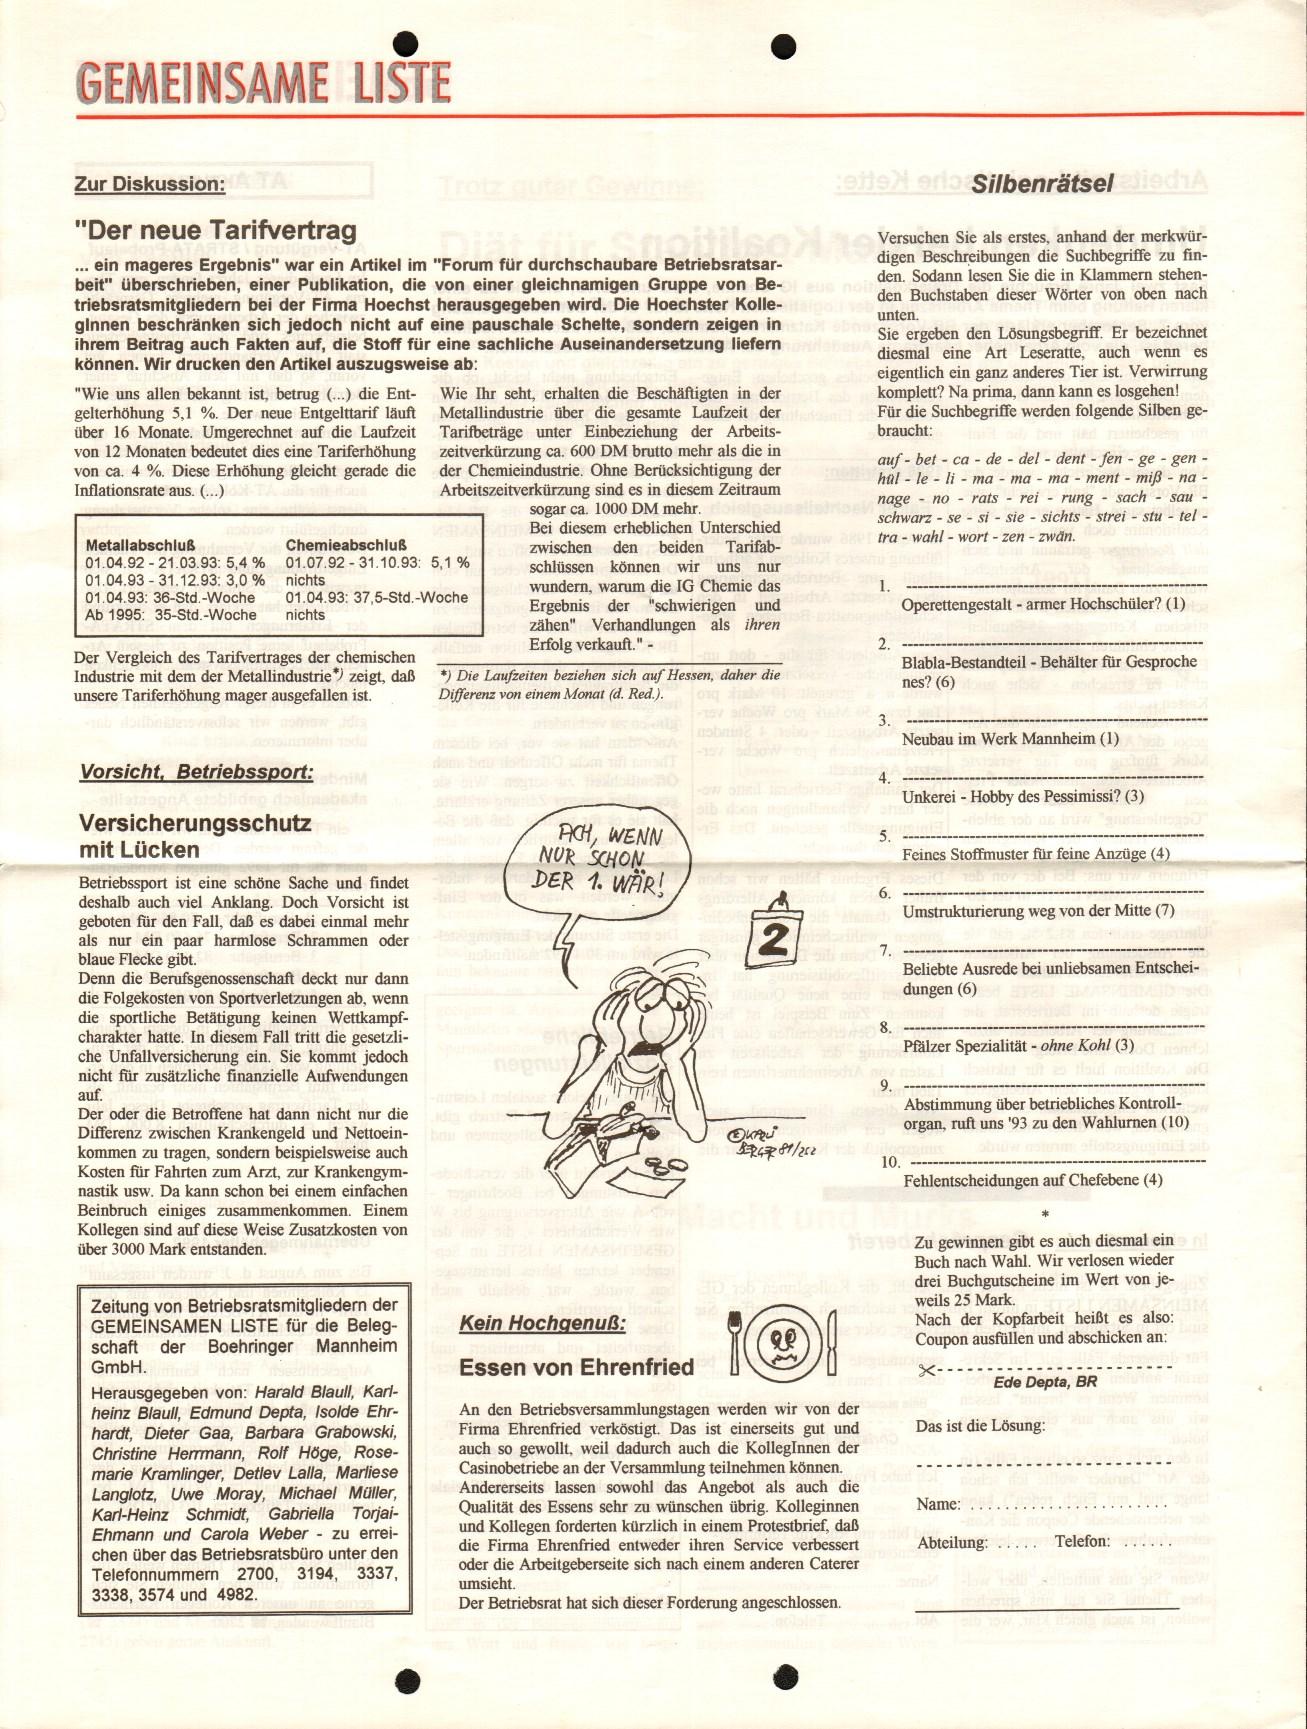 Mannheim_Boehringer_Gemeinsame_Liste_1992_03_04